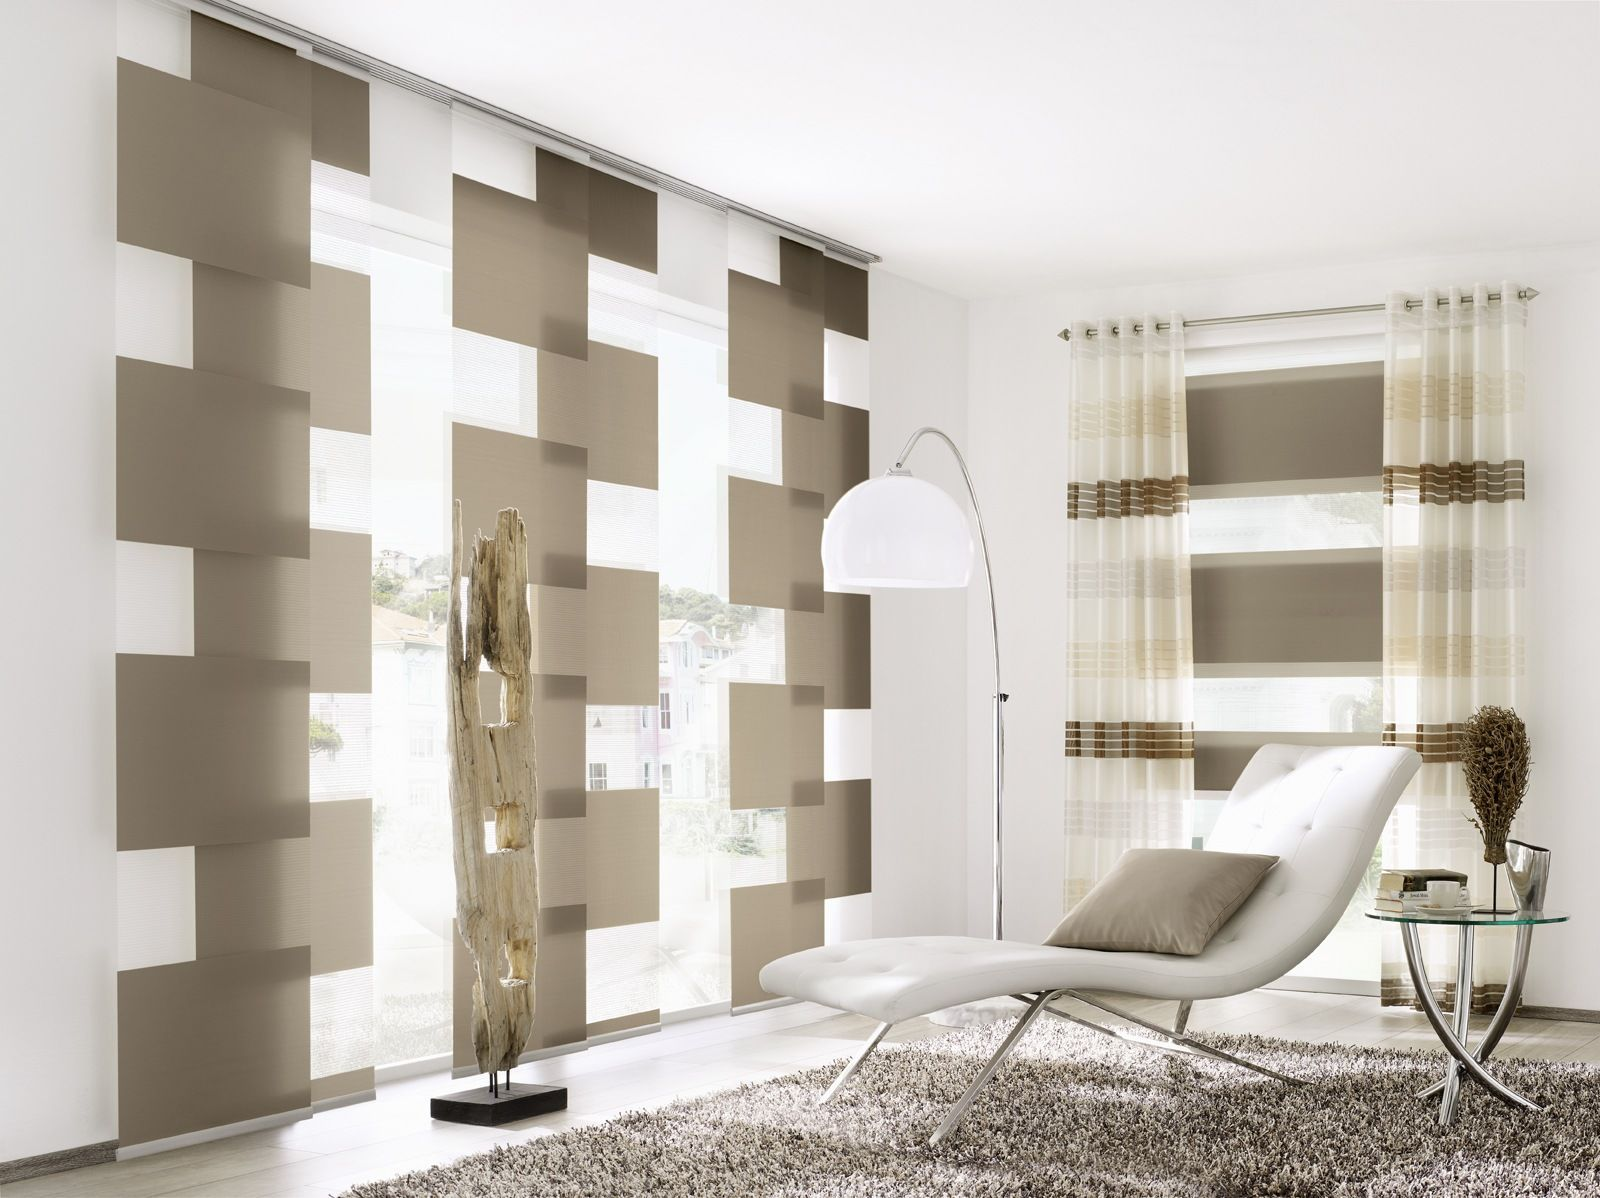 Bildergebnis fr moderne gardinen wohnzimmer  Wohnzimmer